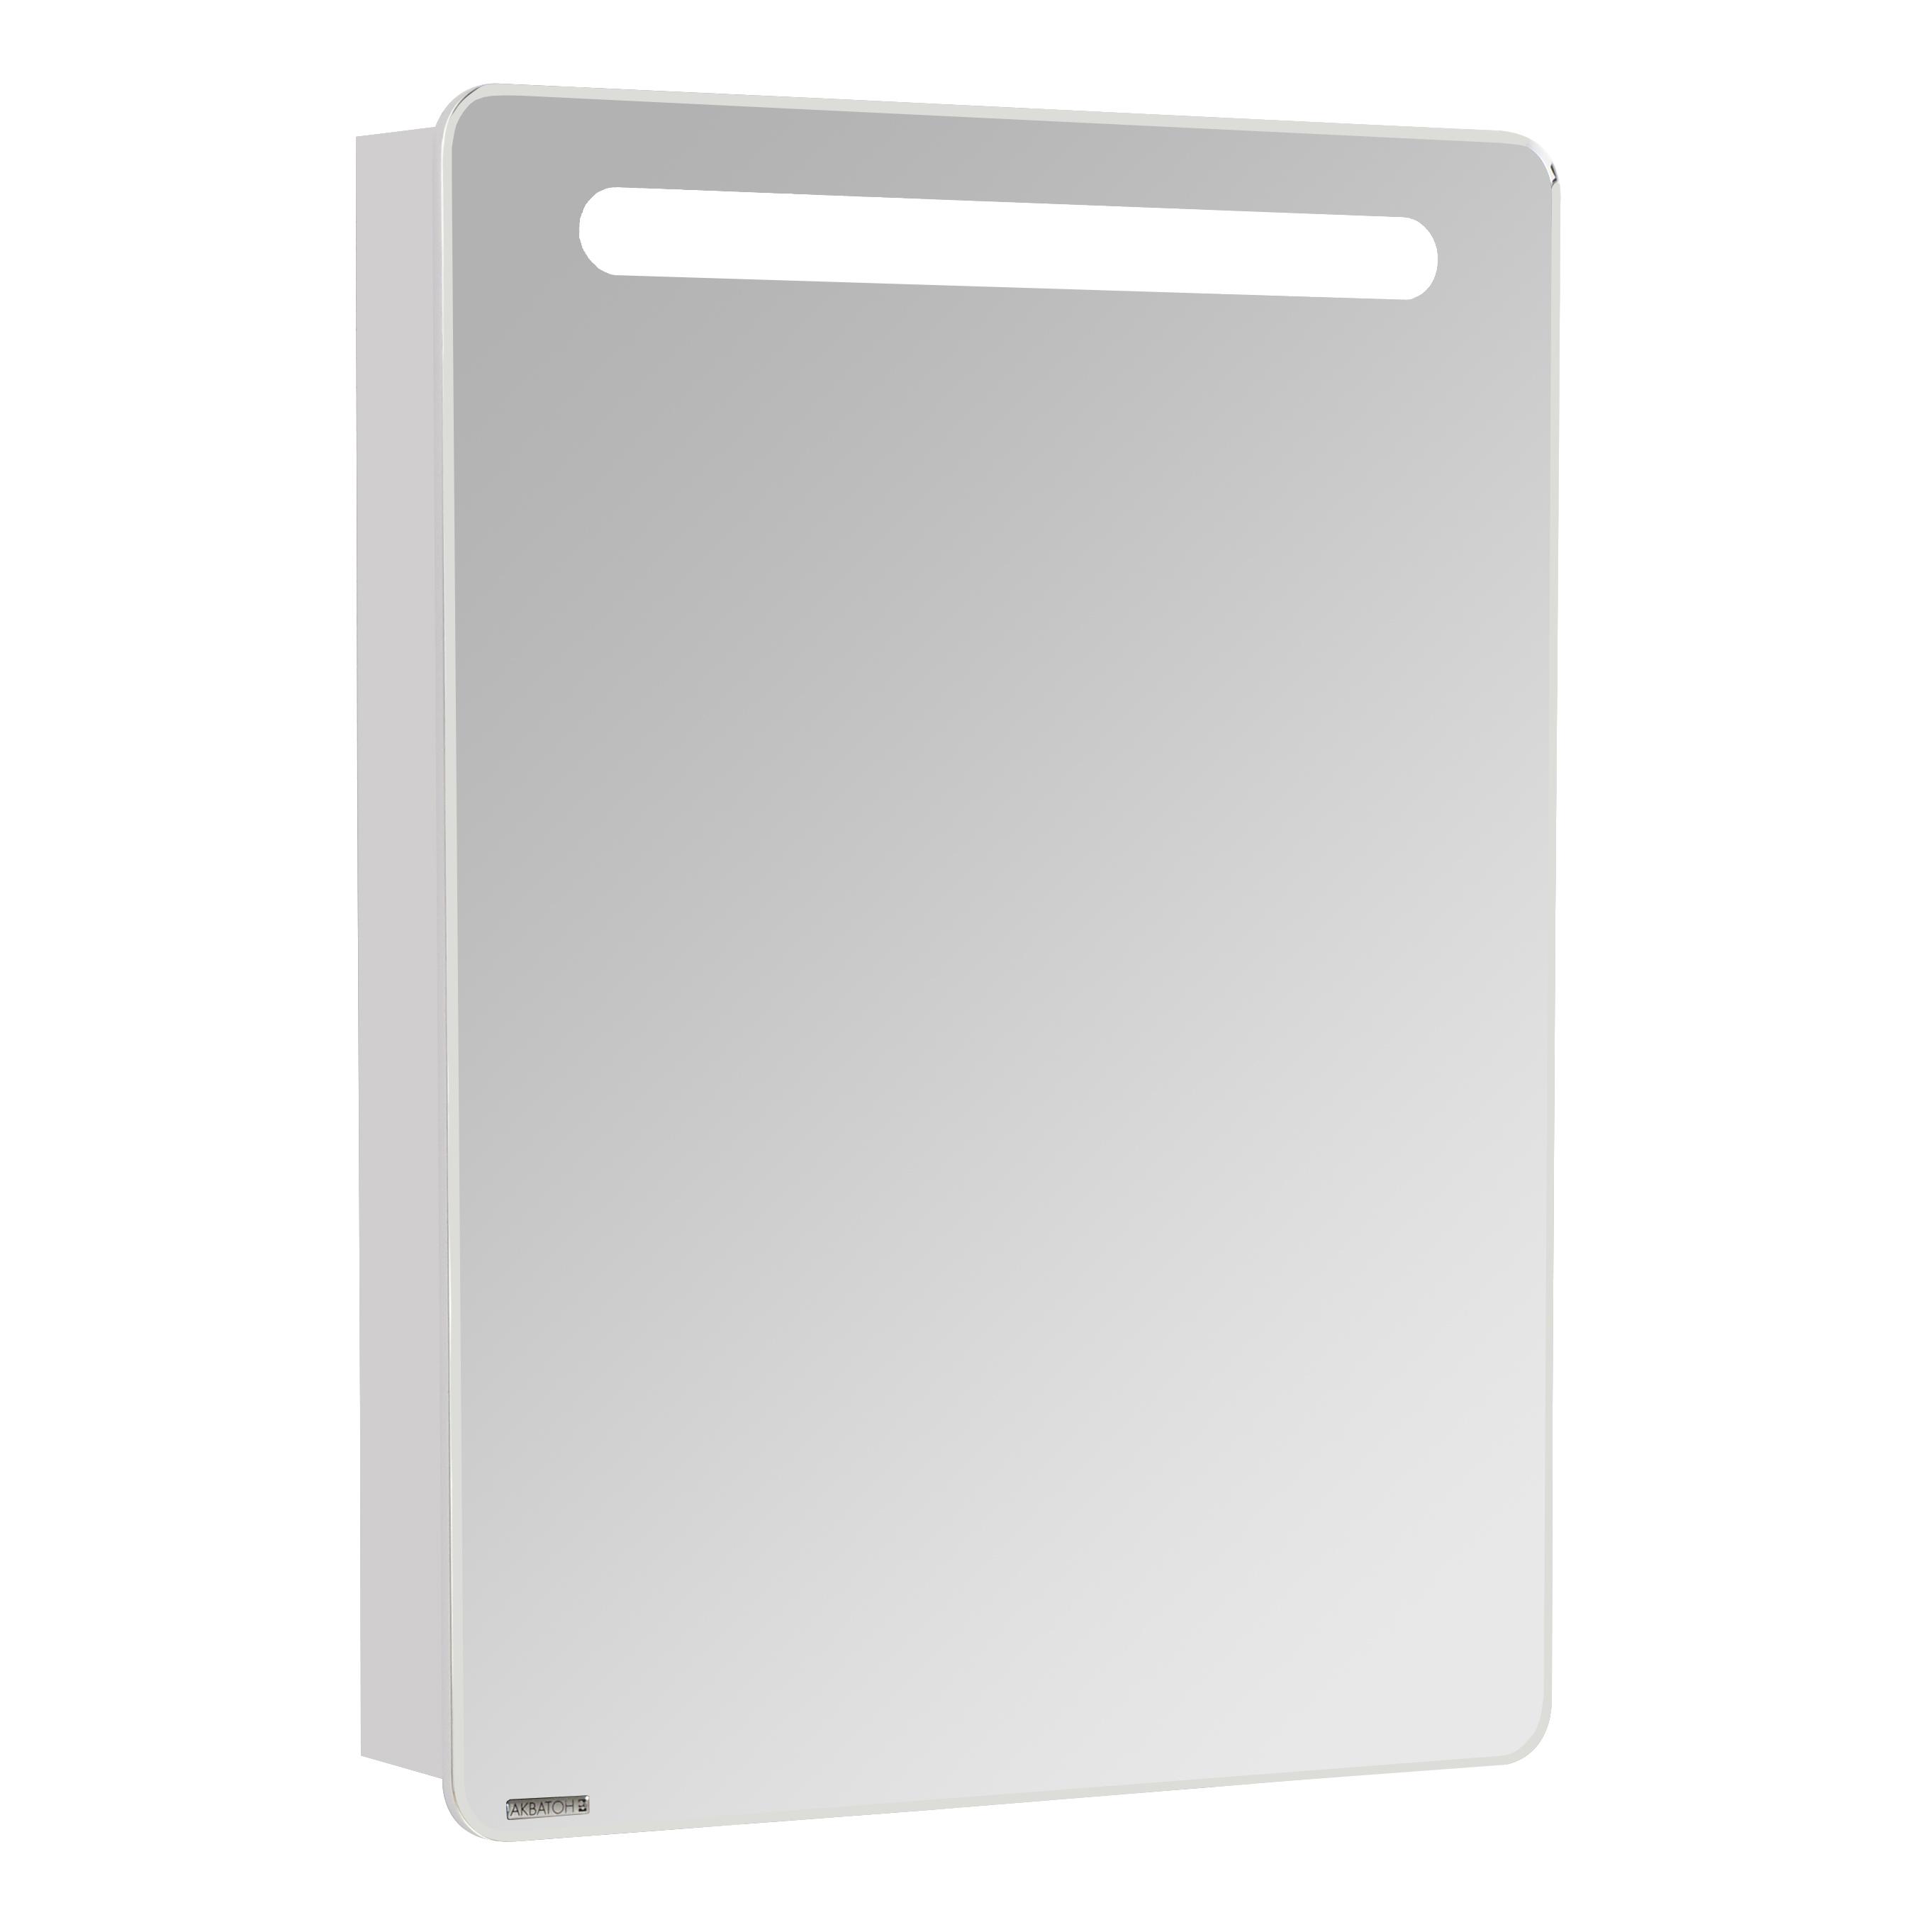 Фото 4873: Зеркальный шкаф Акватон АМЕРИНА 60 Белый правый 1A135302AM01R